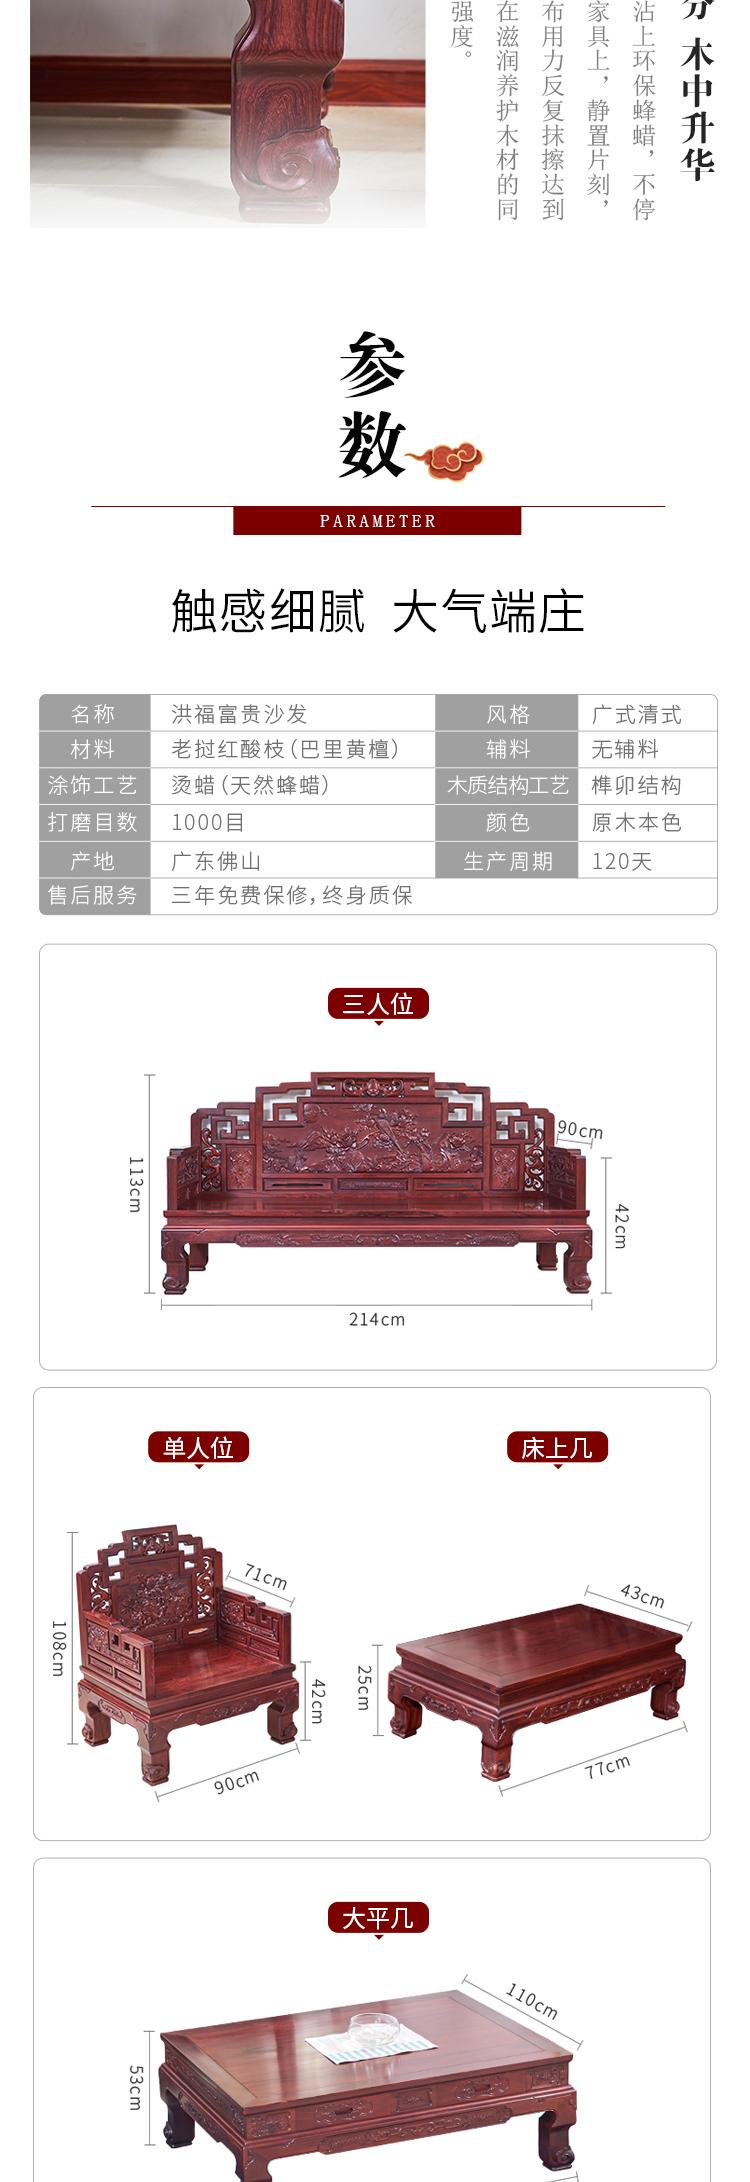 红木家具修改-2_07